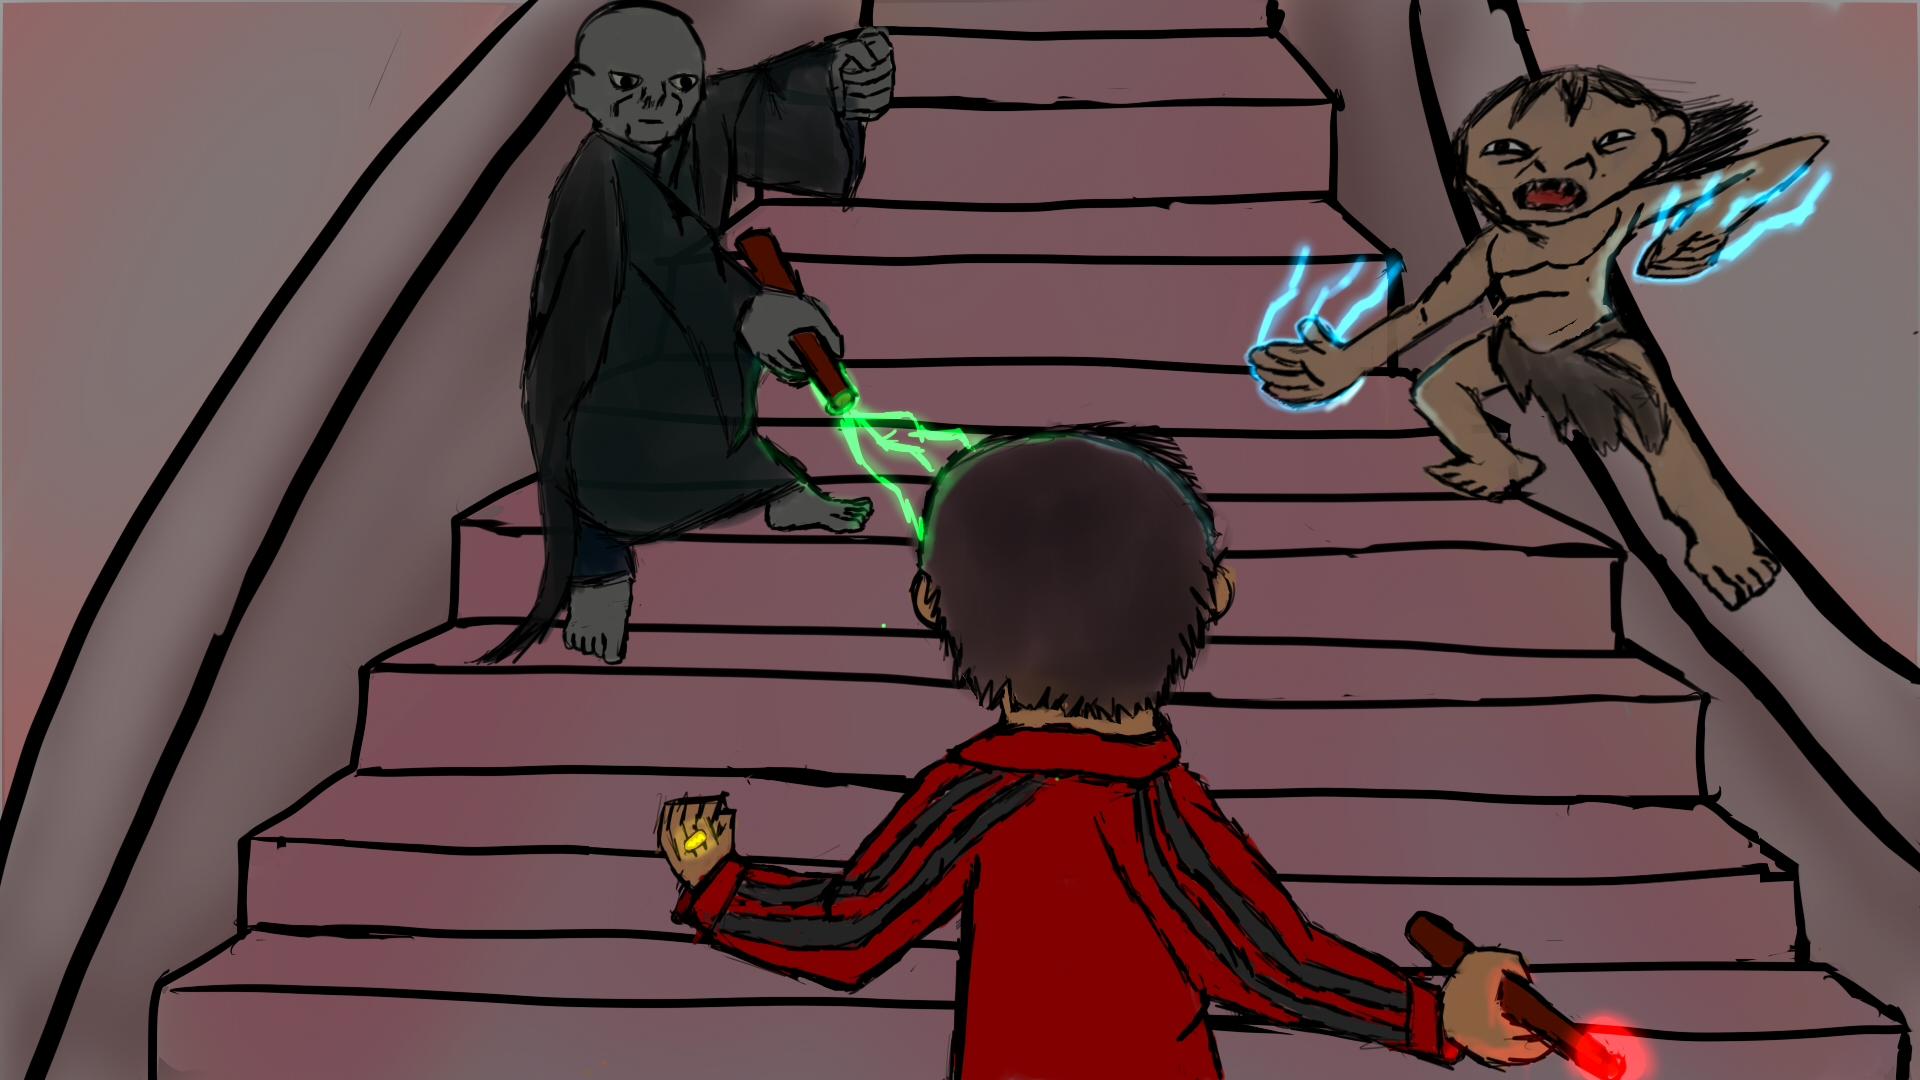 Stairway Clash